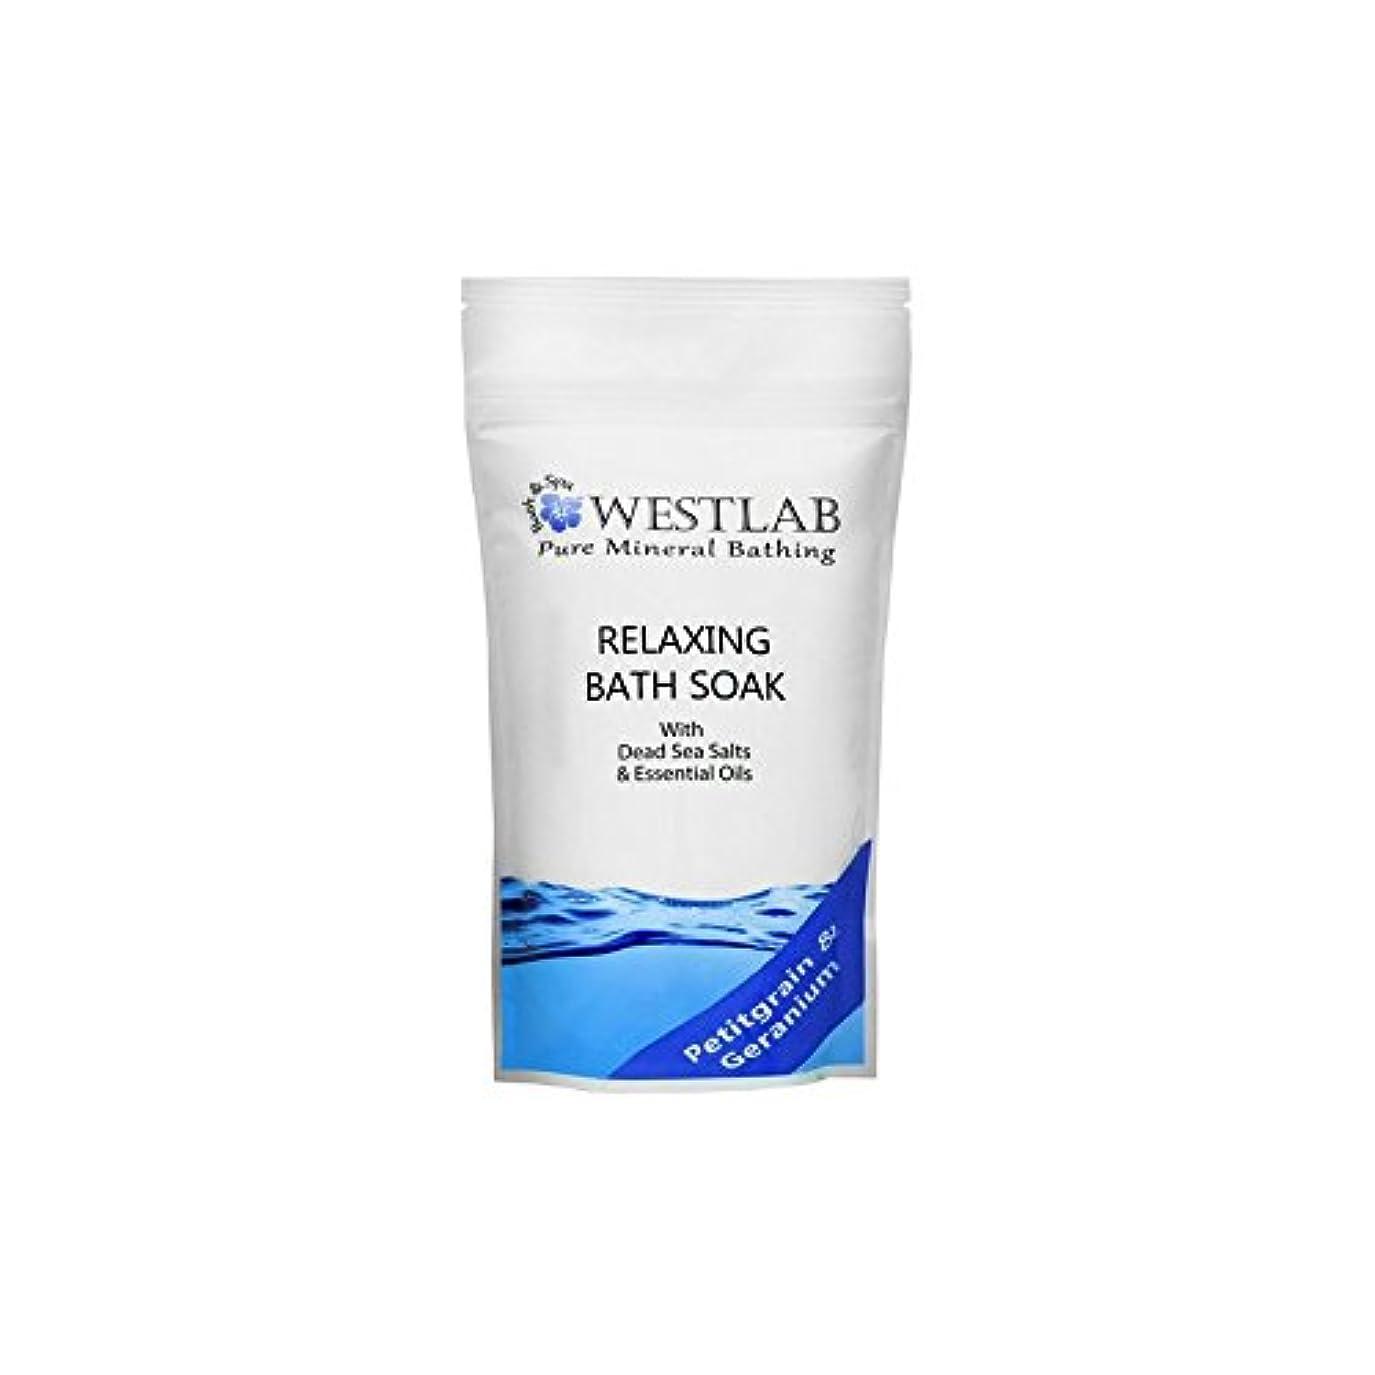 トマト裏切り矛盾する死海の塩浴浸漬(500グラム)をリラックス x2 - Westlab Relax Dead Sea Salt Bath Soak (500g) (Pack of 2) [並行輸入品]